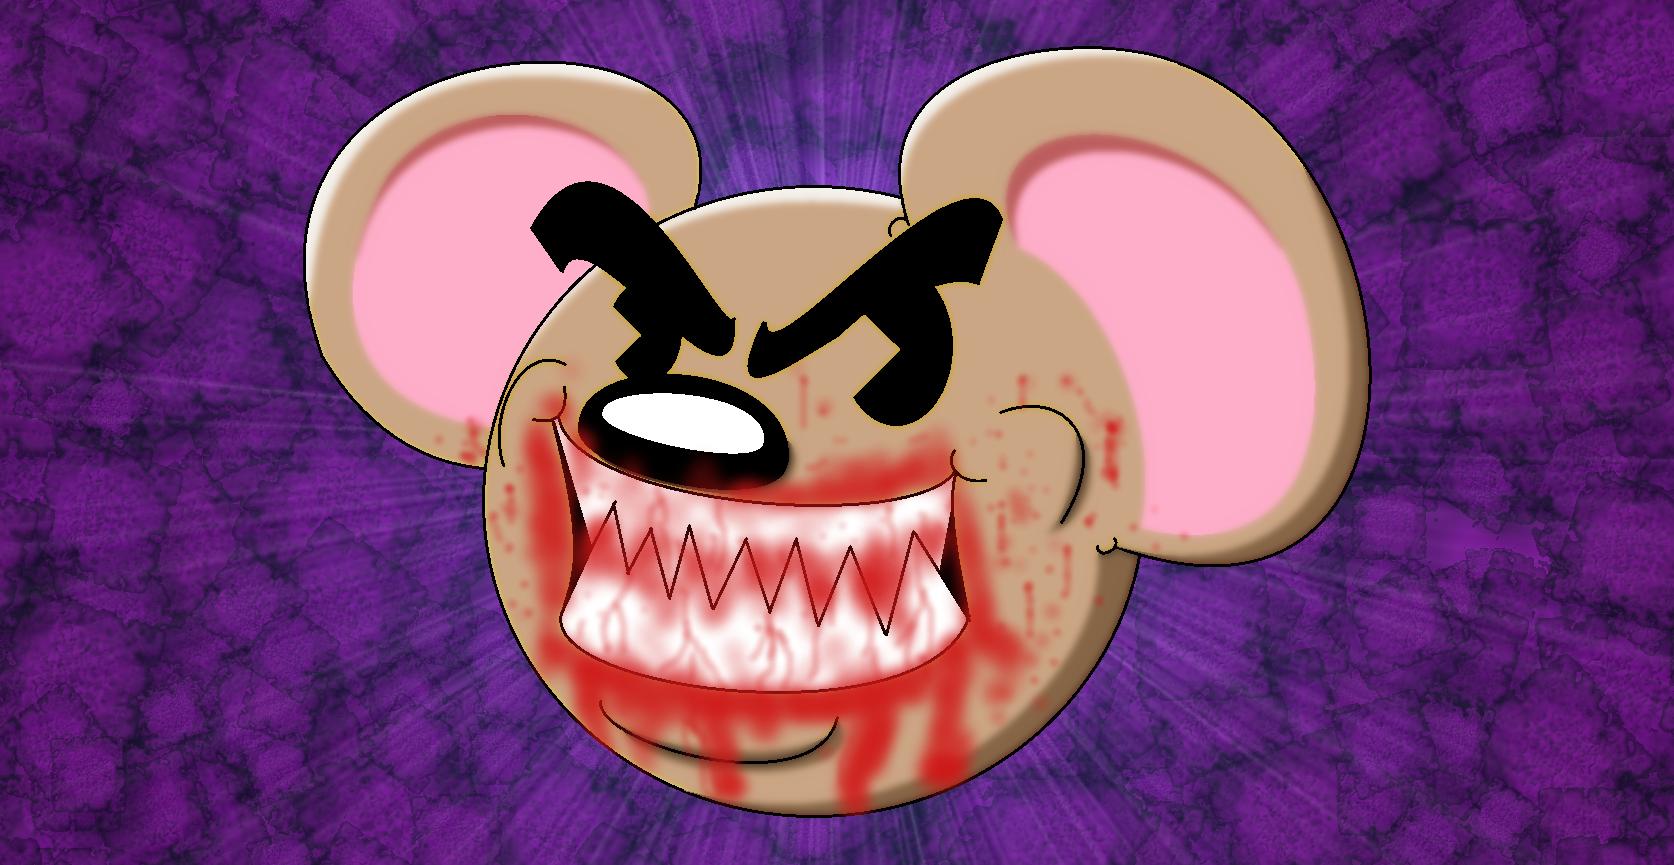 Deaddybear